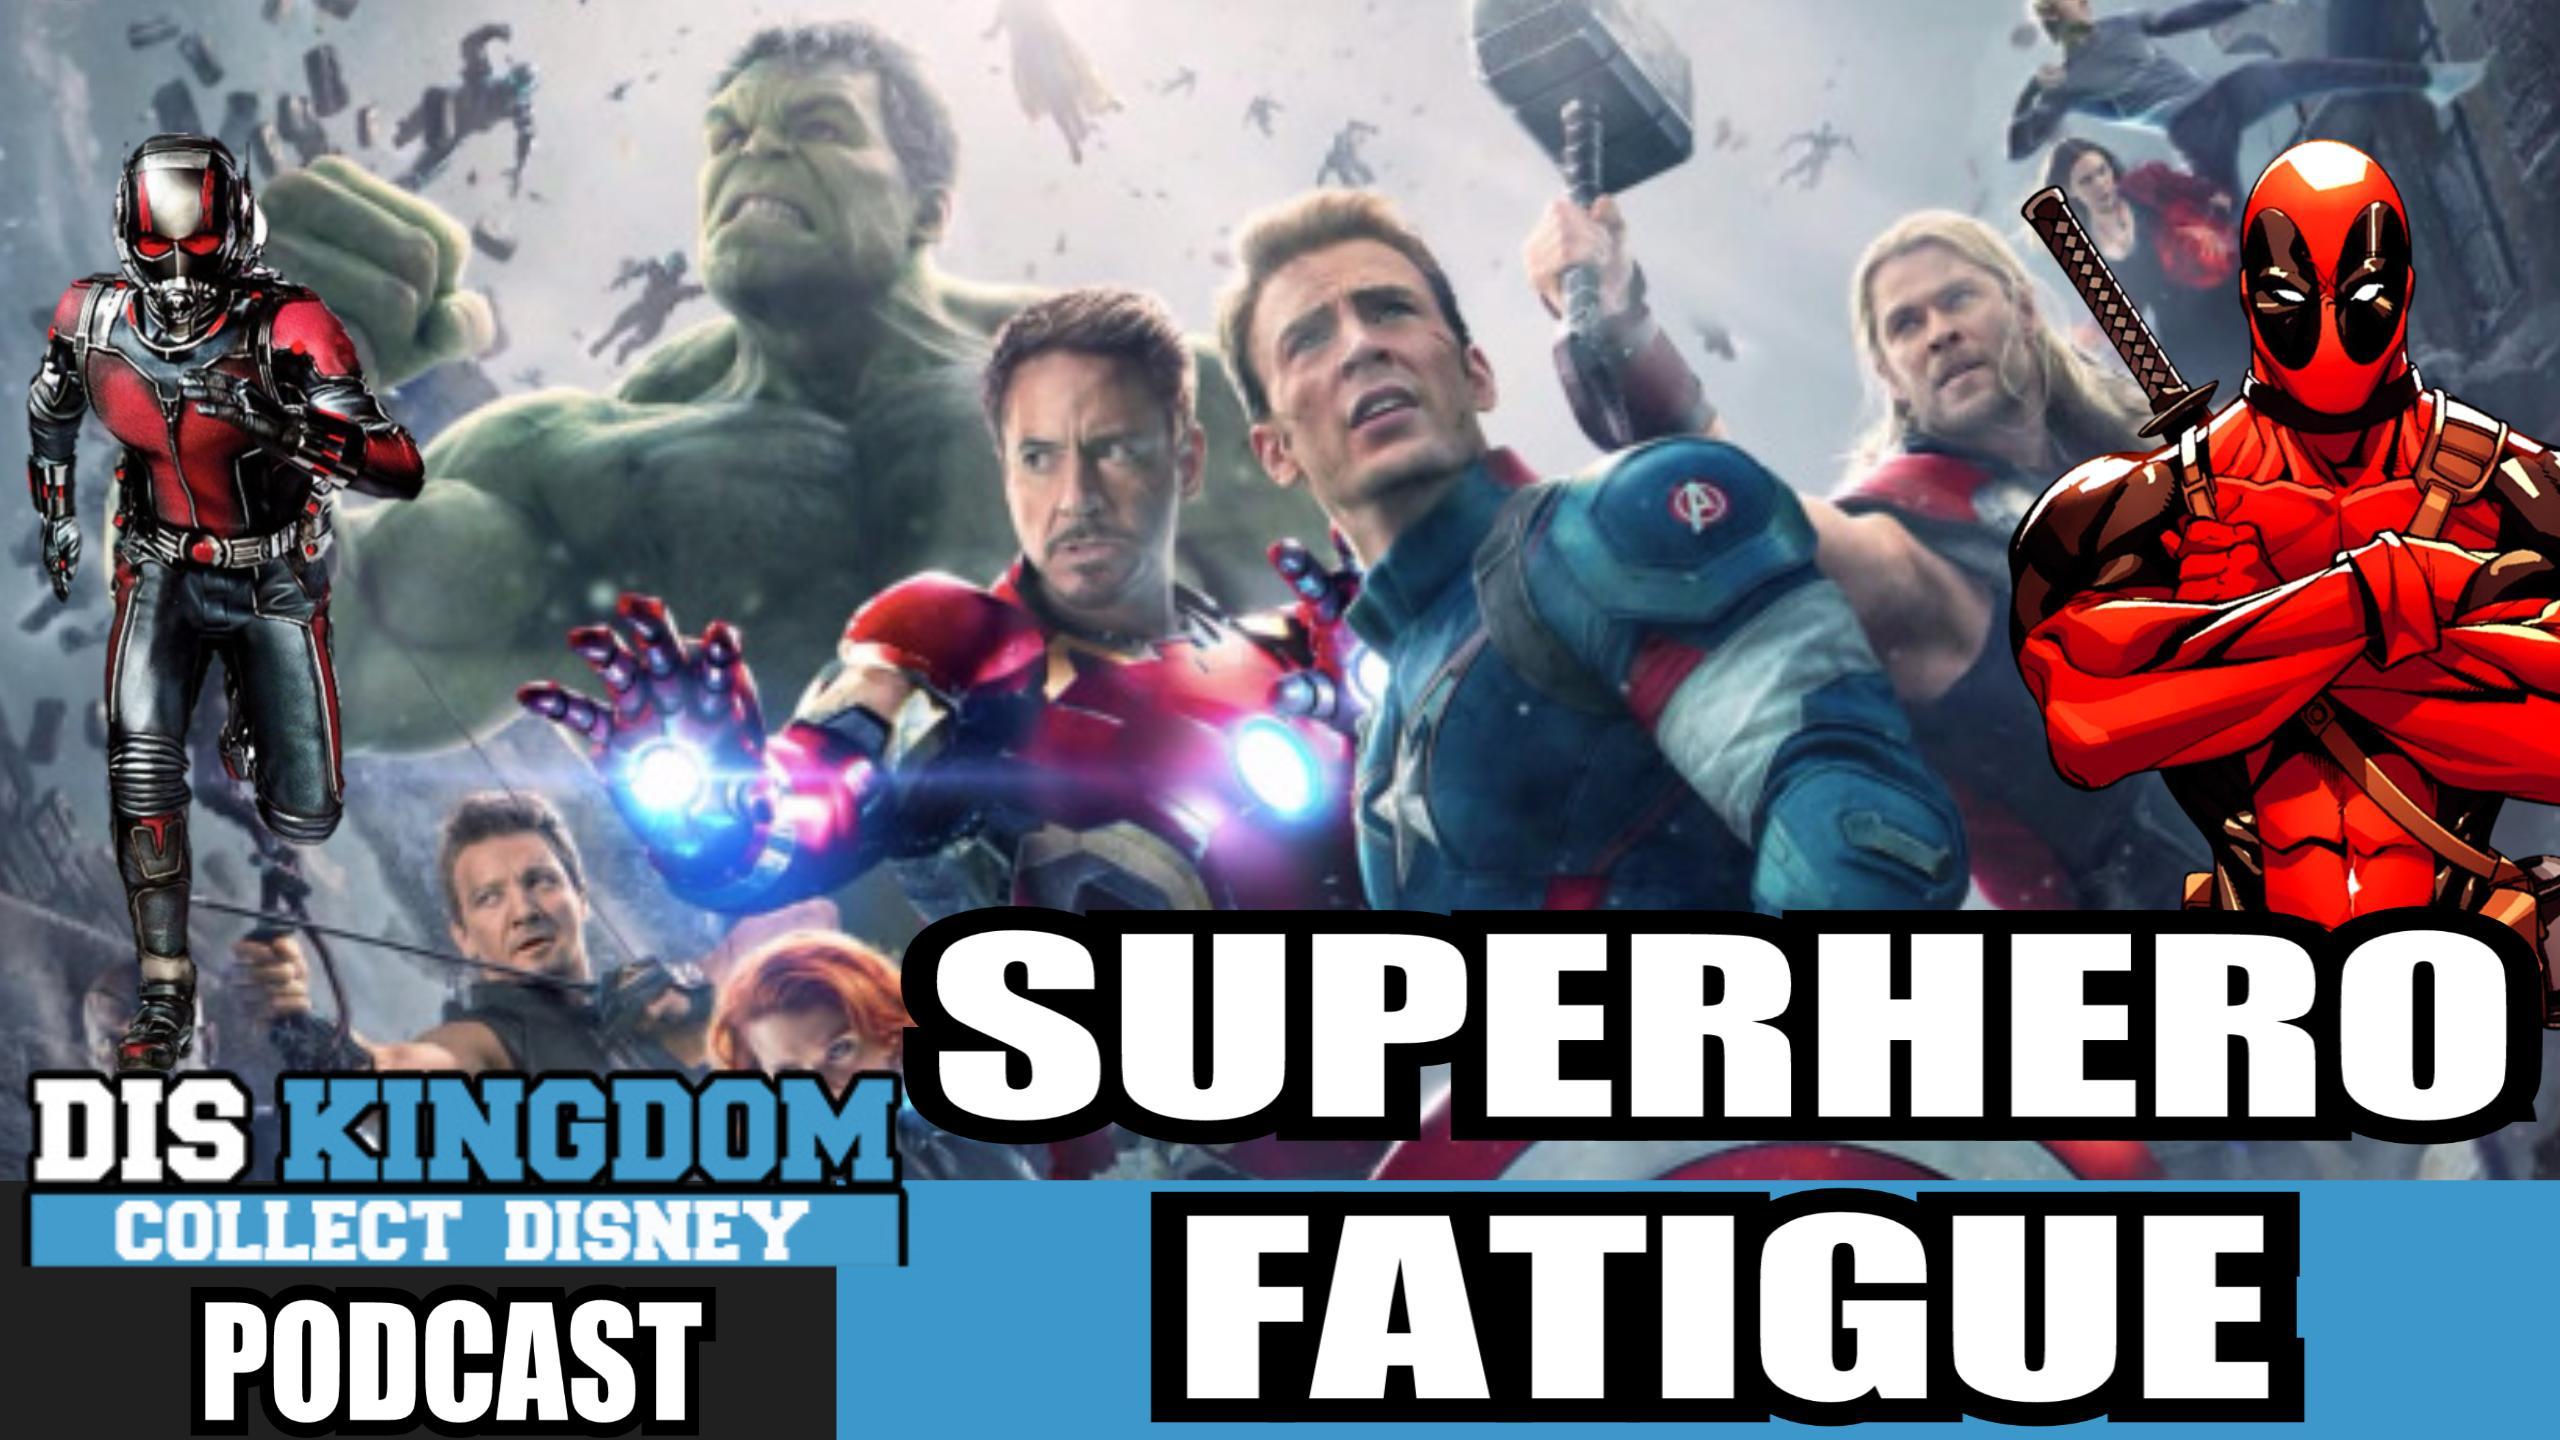 Do You Have Superhero Fatigue?